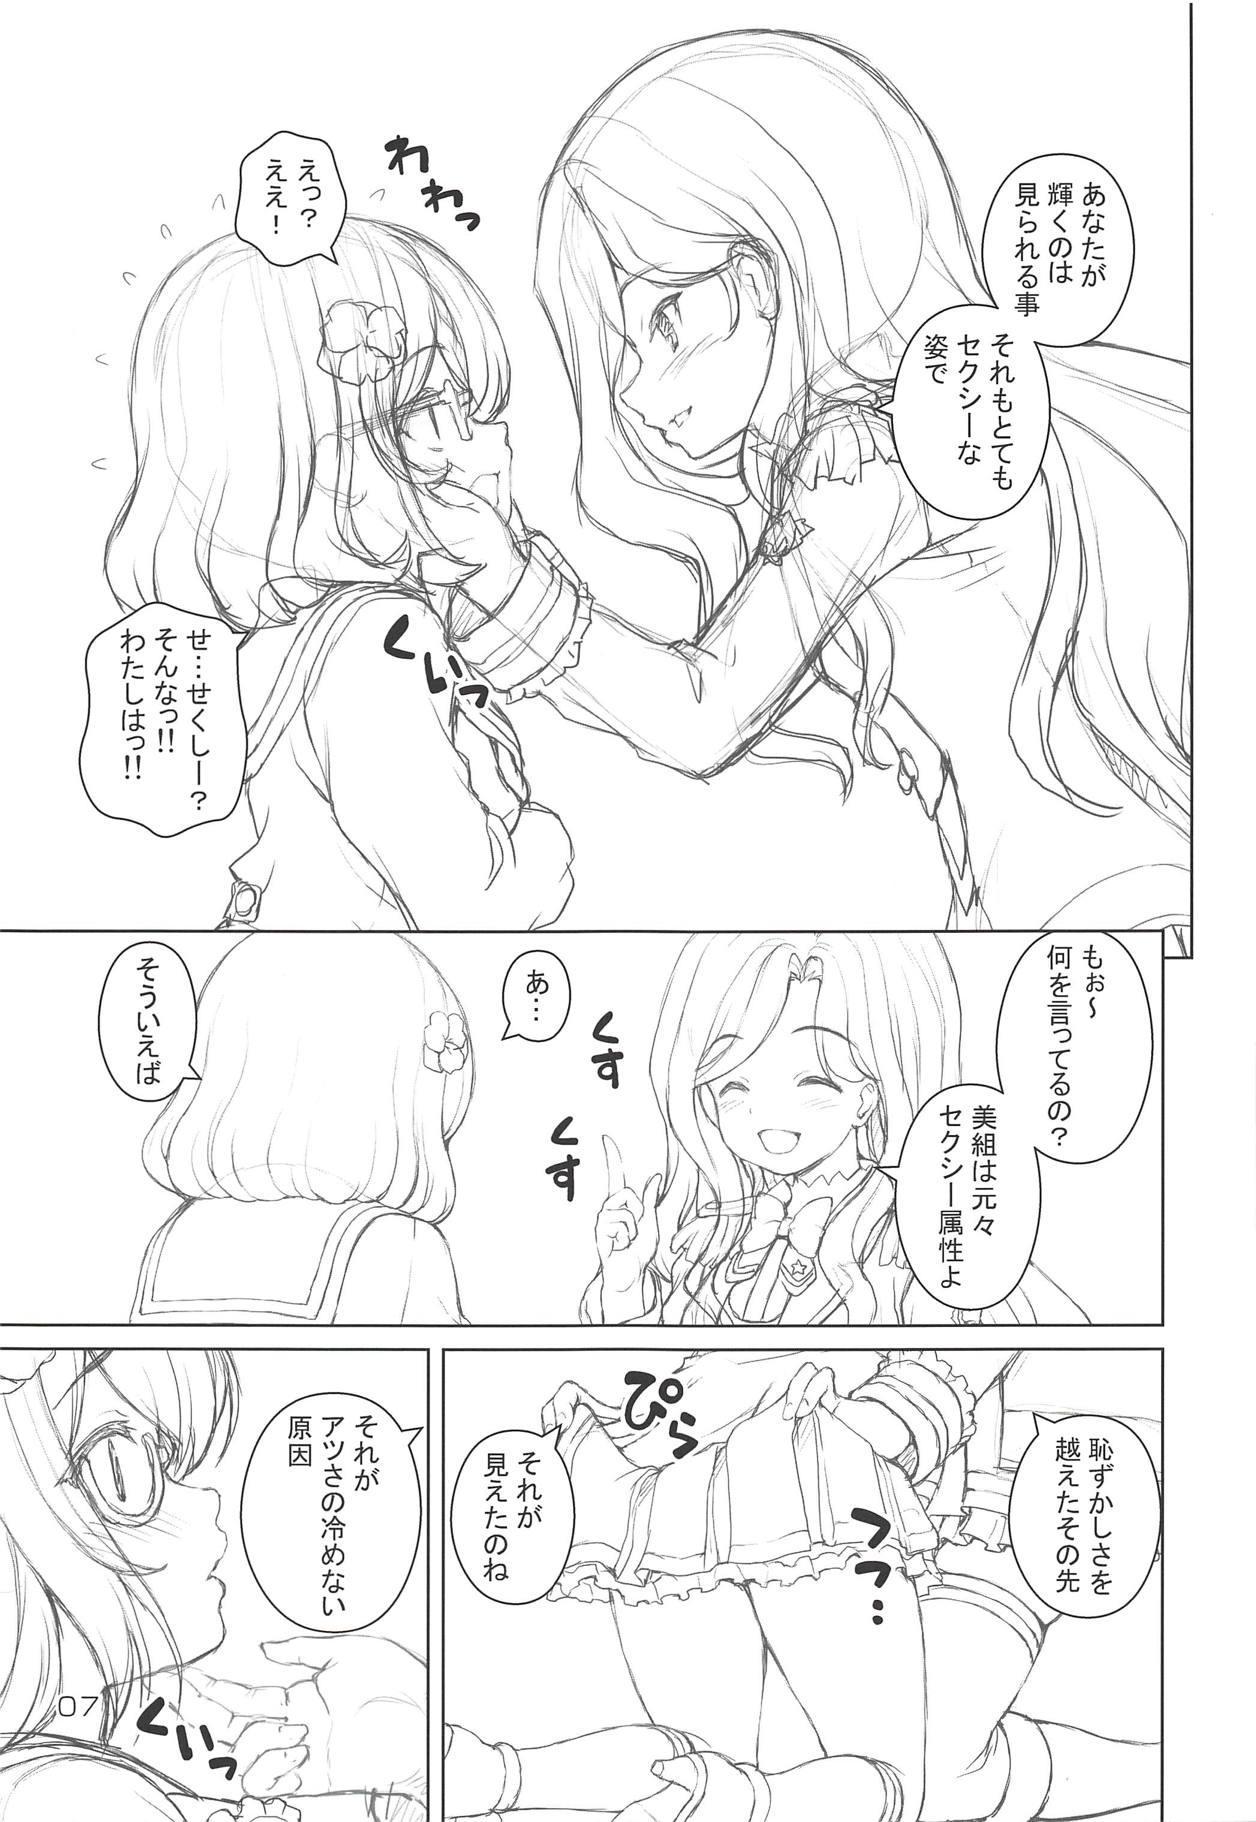 Matokatsu! 5